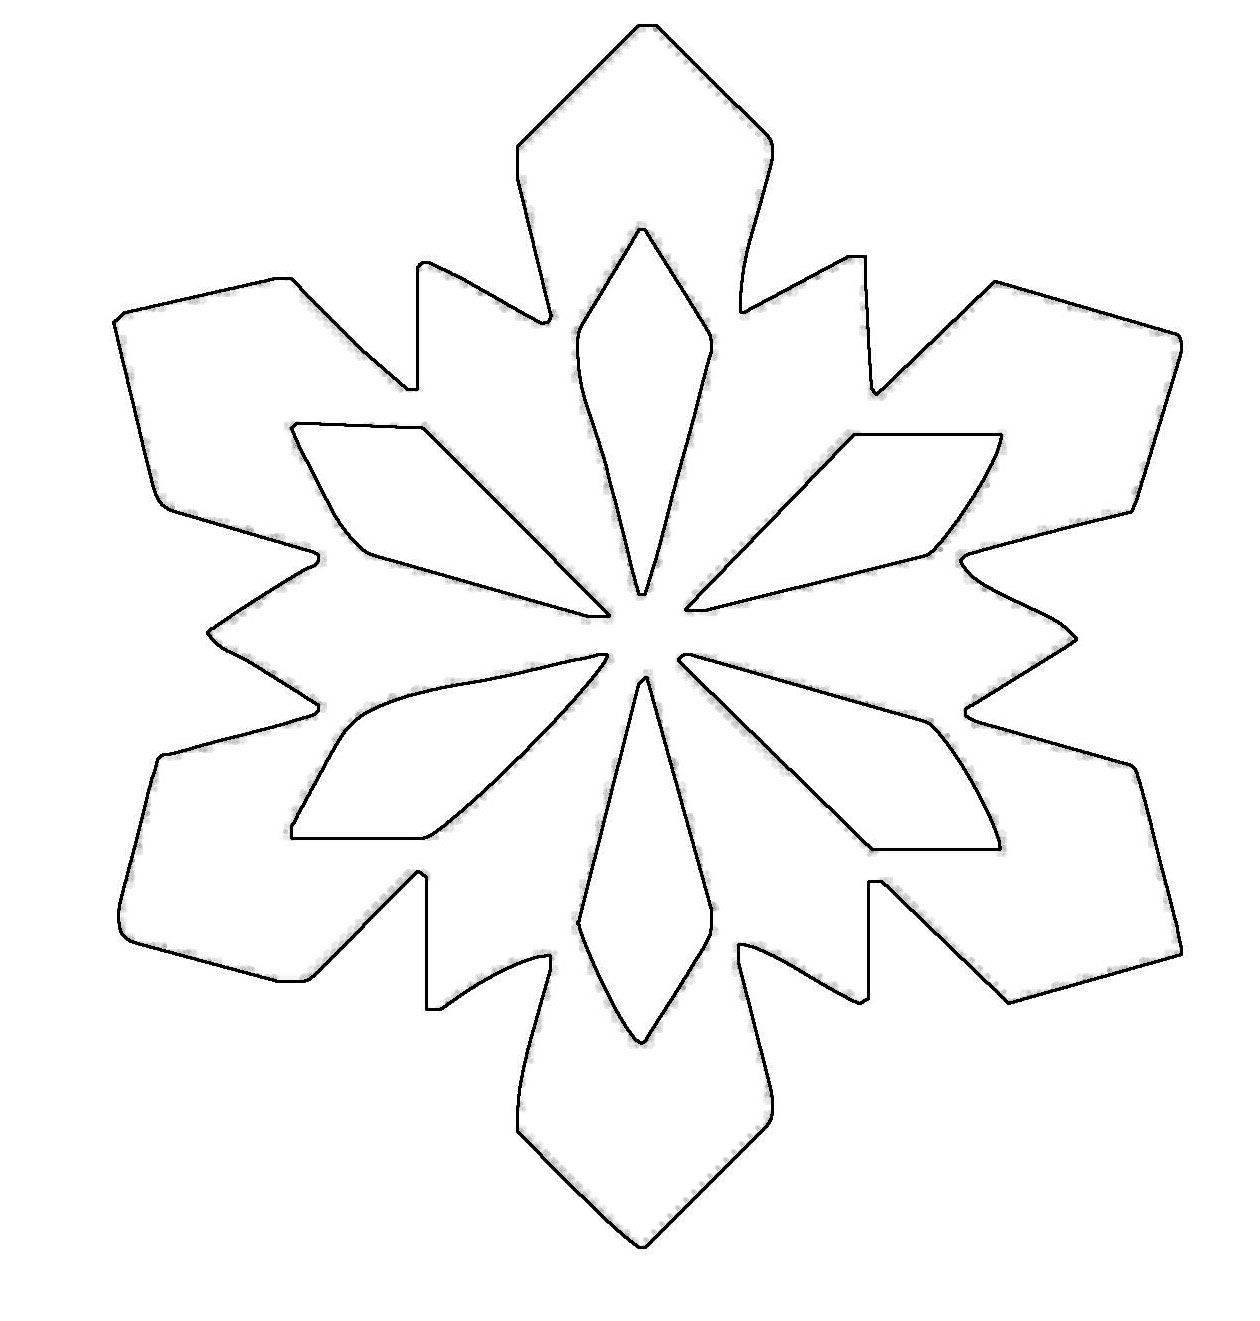 kostenlose malvorlage schneeflocken und sterne stern 13 zum ausmalen. Black Bedroom Furniture Sets. Home Design Ideas